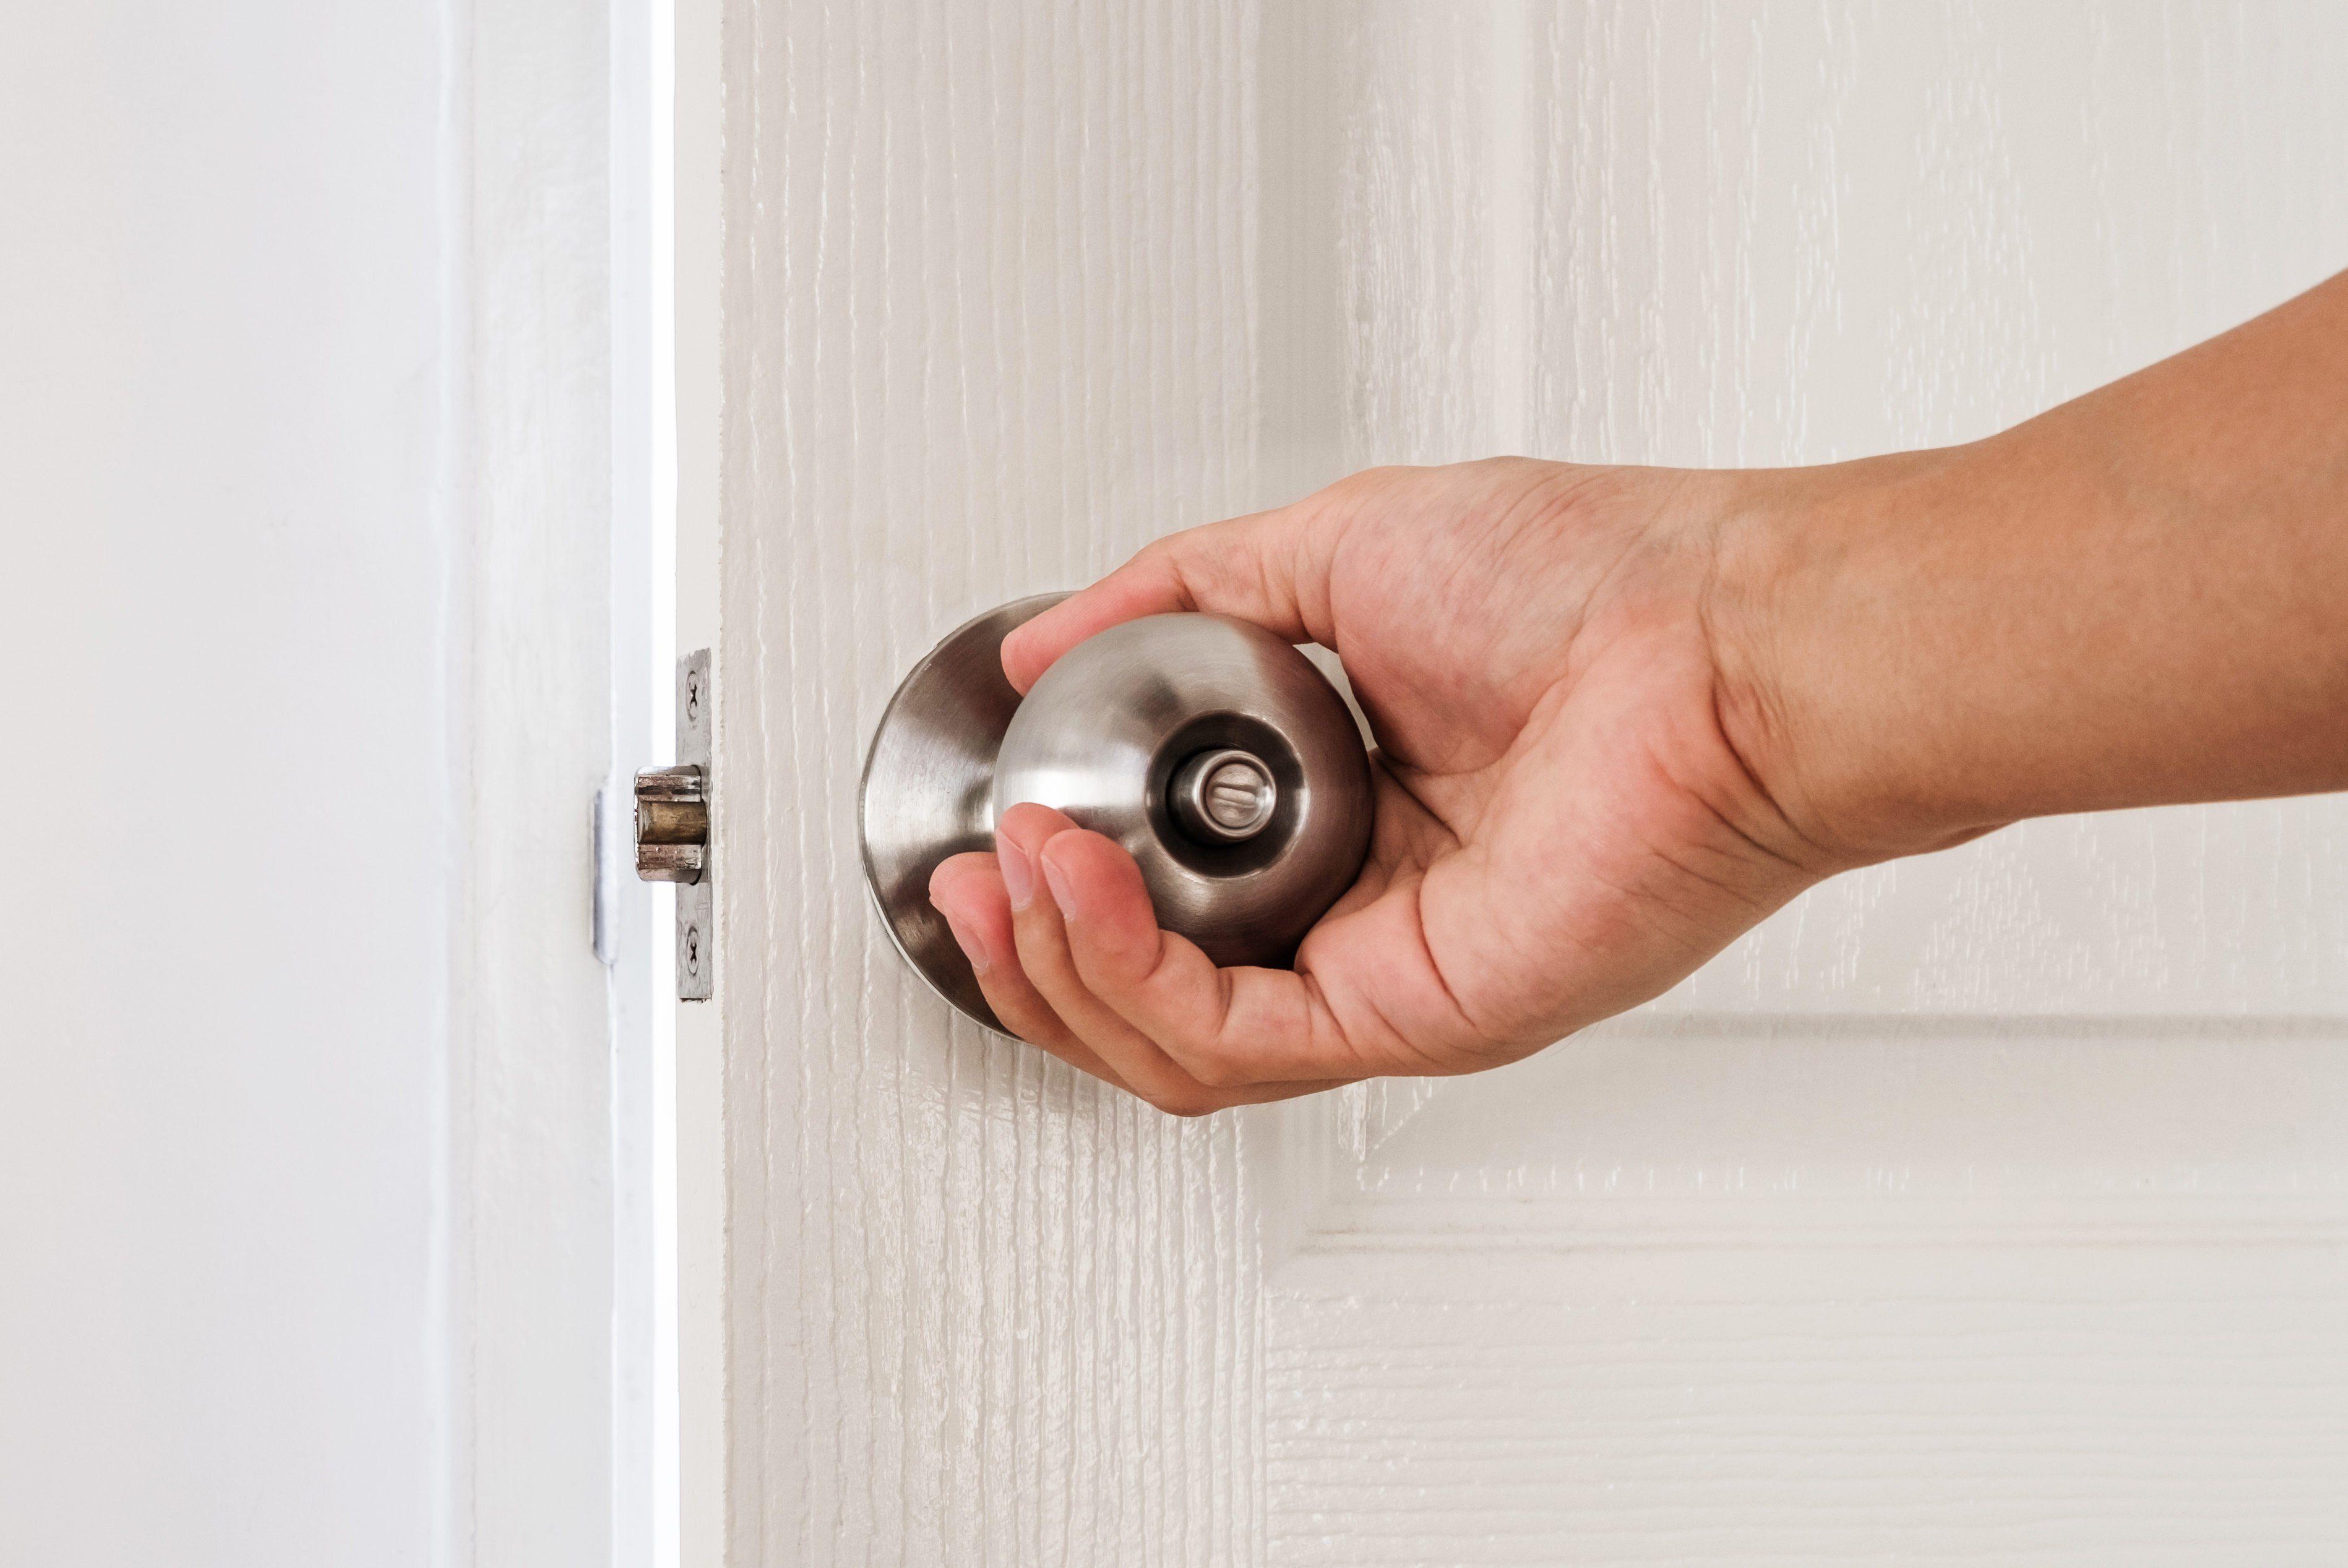 Hand holding door knob, white door and wall